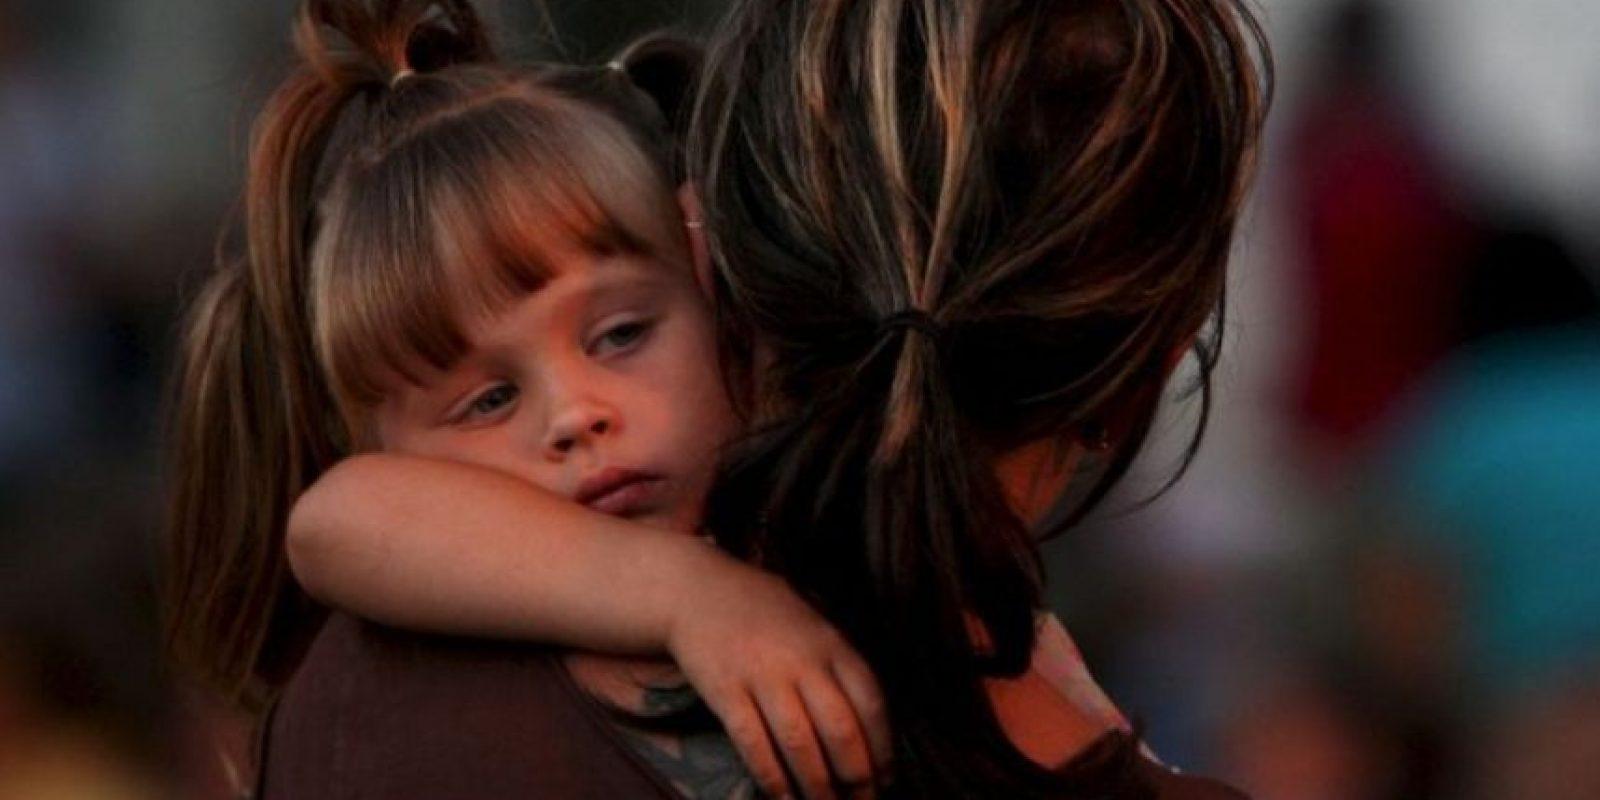 """En el emotivo momento, el agente le cantó la canción """"Twinkle Twinkle Little Star"""" para tranquilizarla. Foto:Getty Images"""